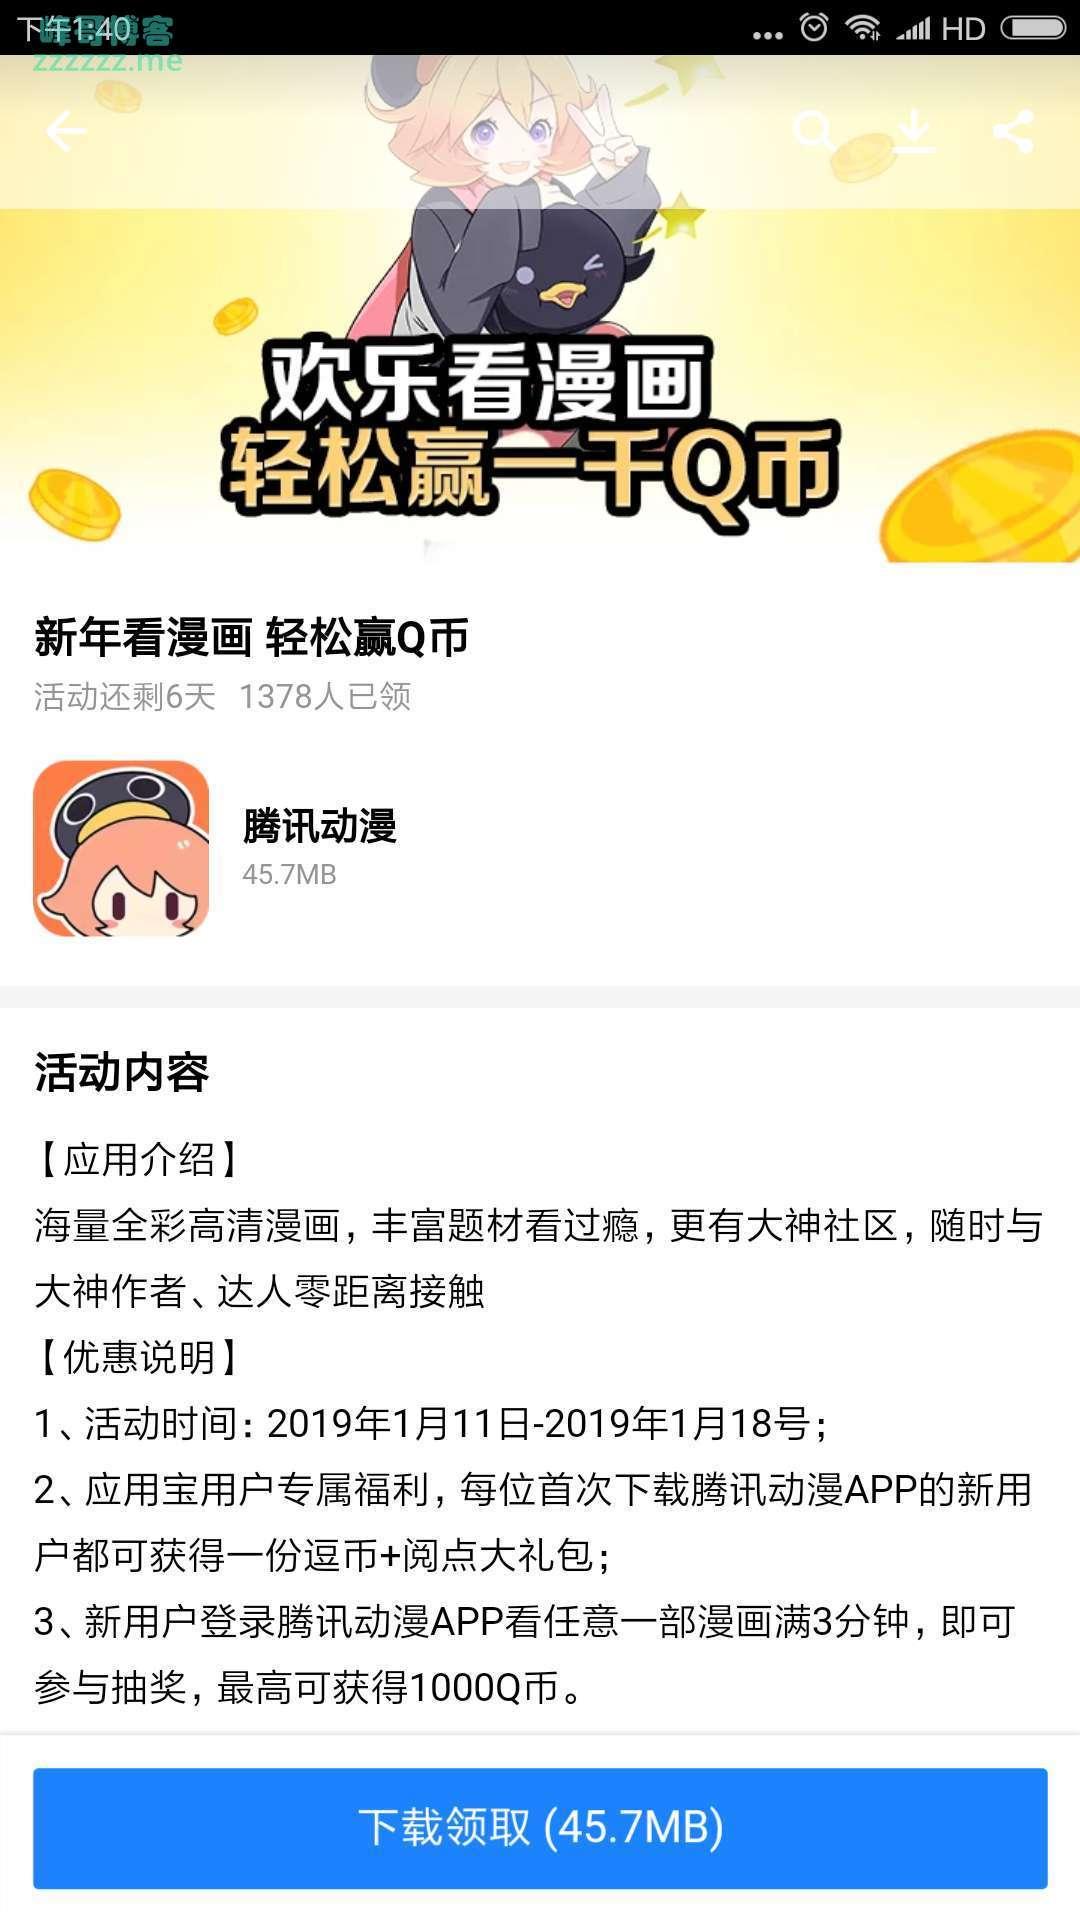 <应用宝>腾讯动漫 下载抽奖(截止1月18日)